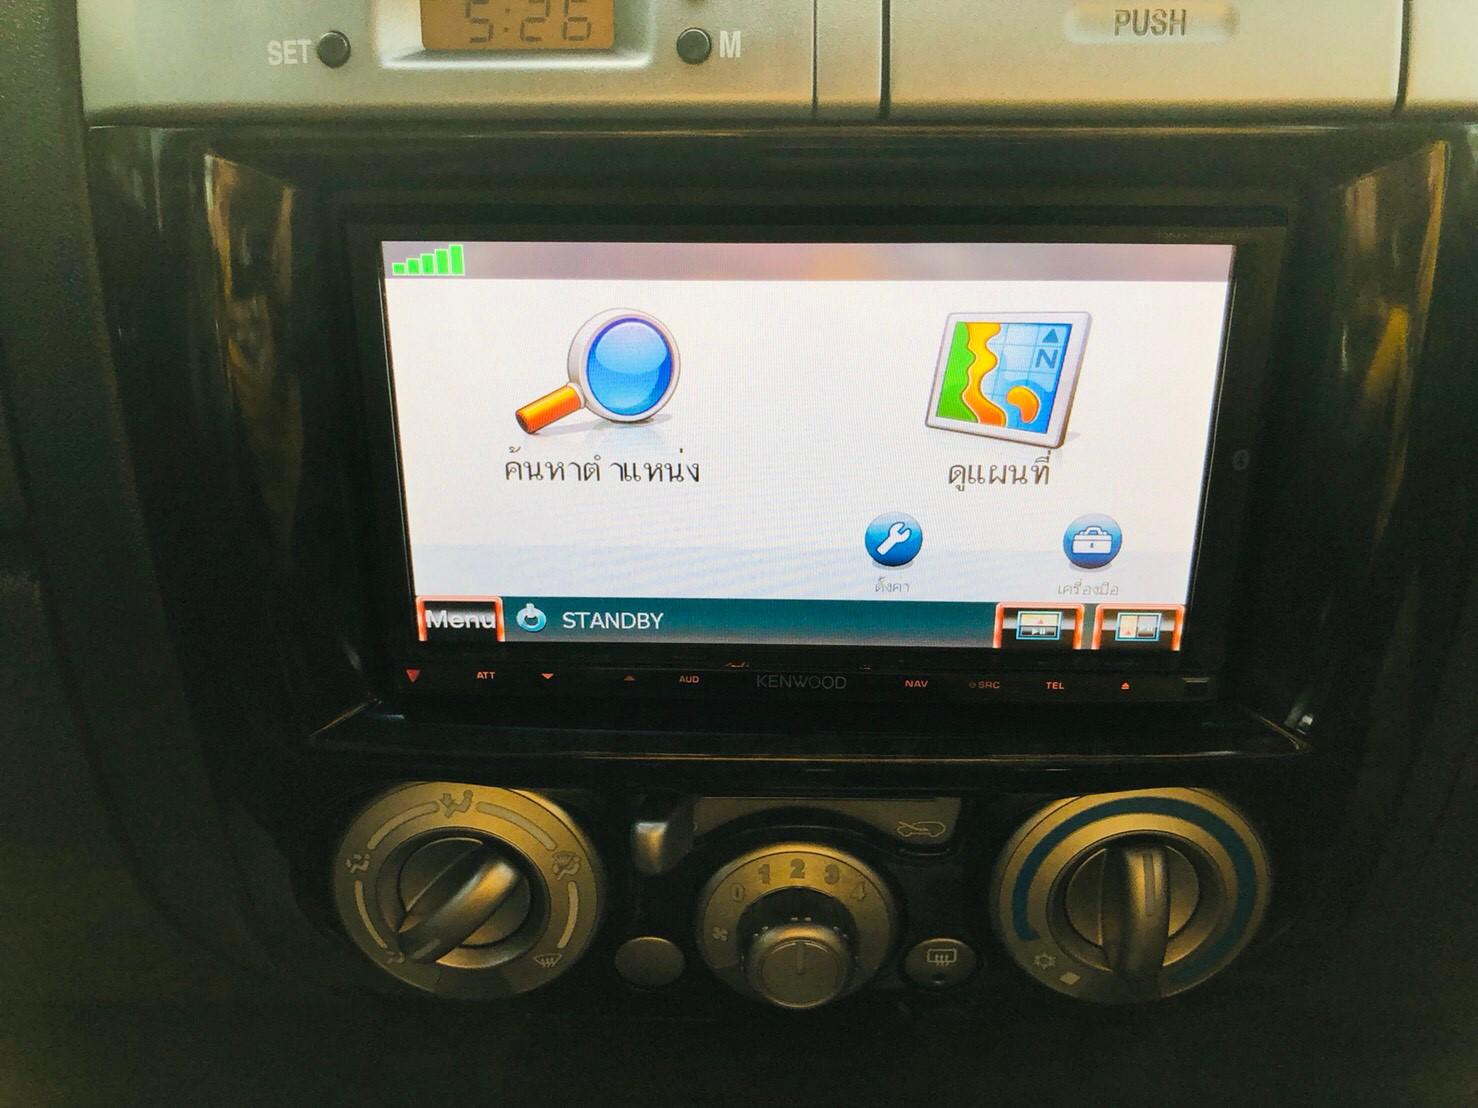 ภาพเครื่องเสียง อีซูซุ มิว-เซเว่น Choiz 3.0 VGS ปี 2011